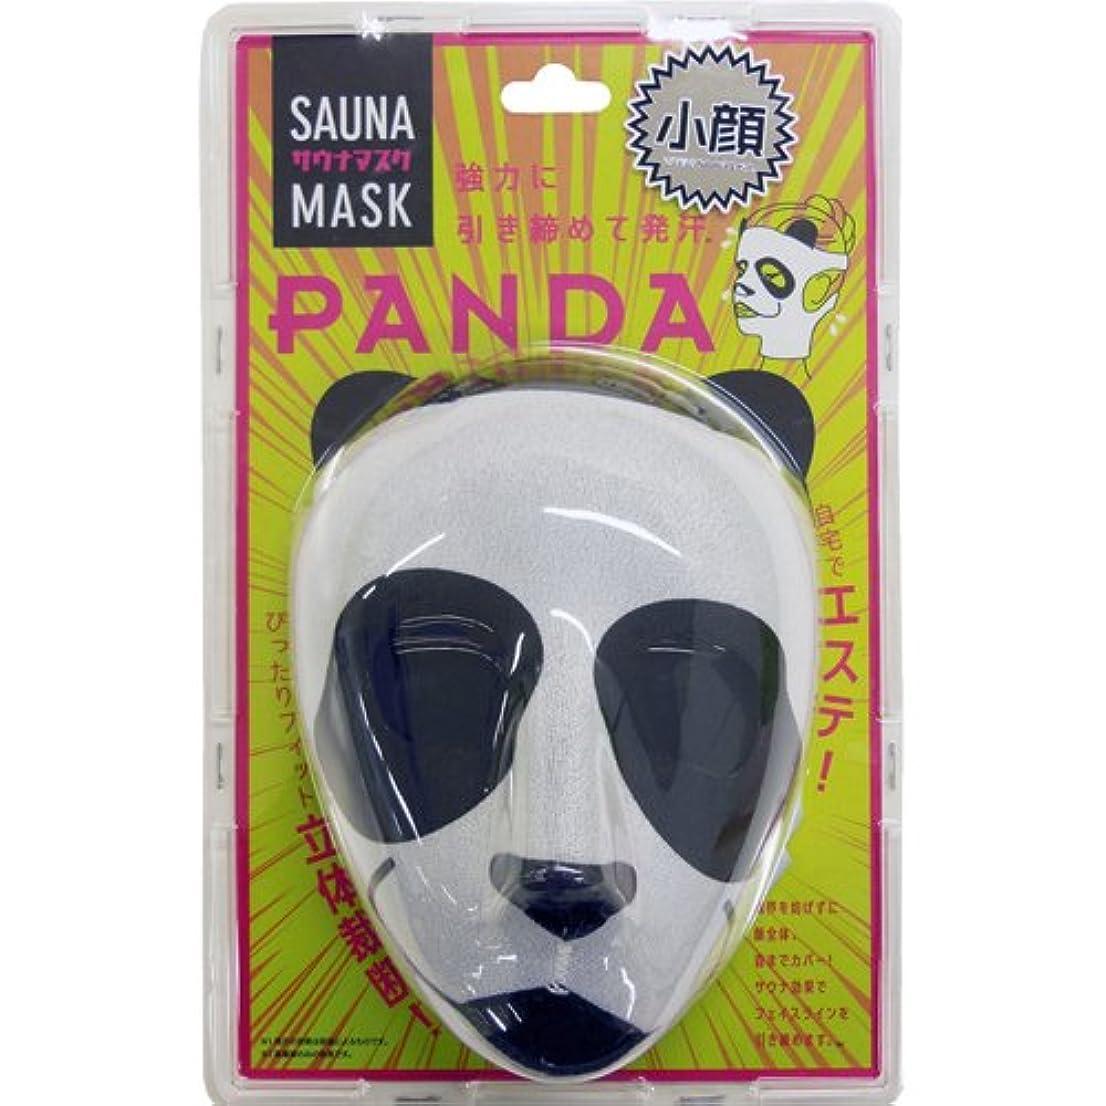 断言する可能にする湿気の多いコジット サウナマスク PANDA (1個)